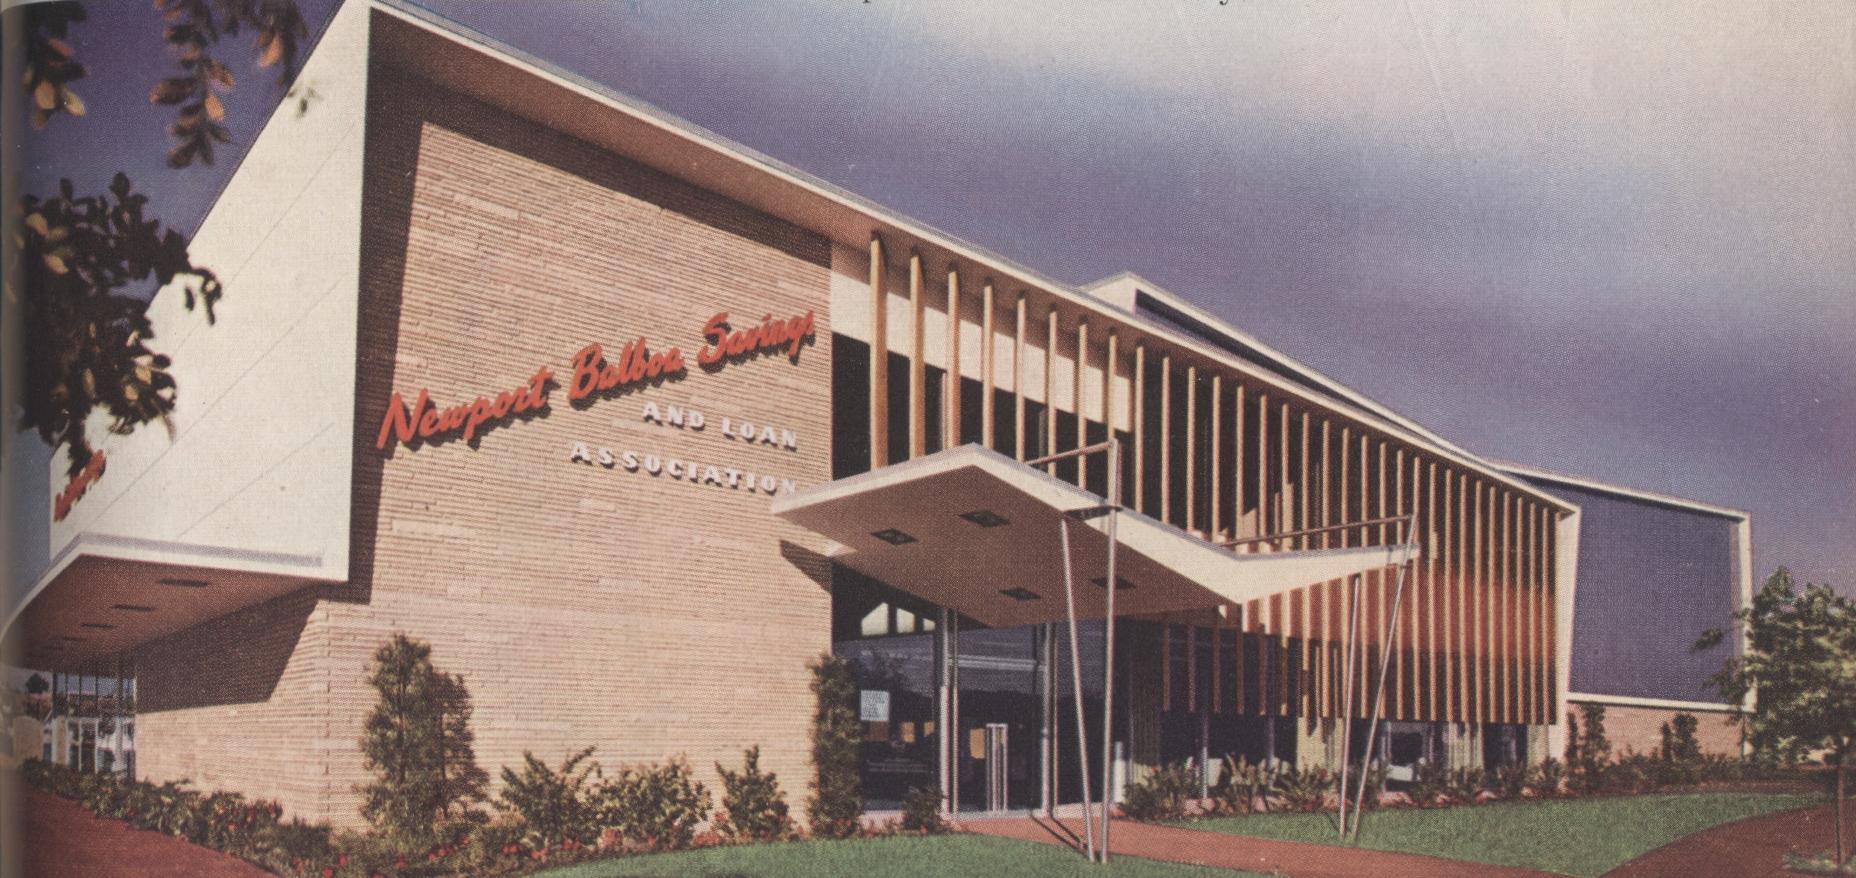 Newport Balboa2 Fortune Dec1954 photo.jpg